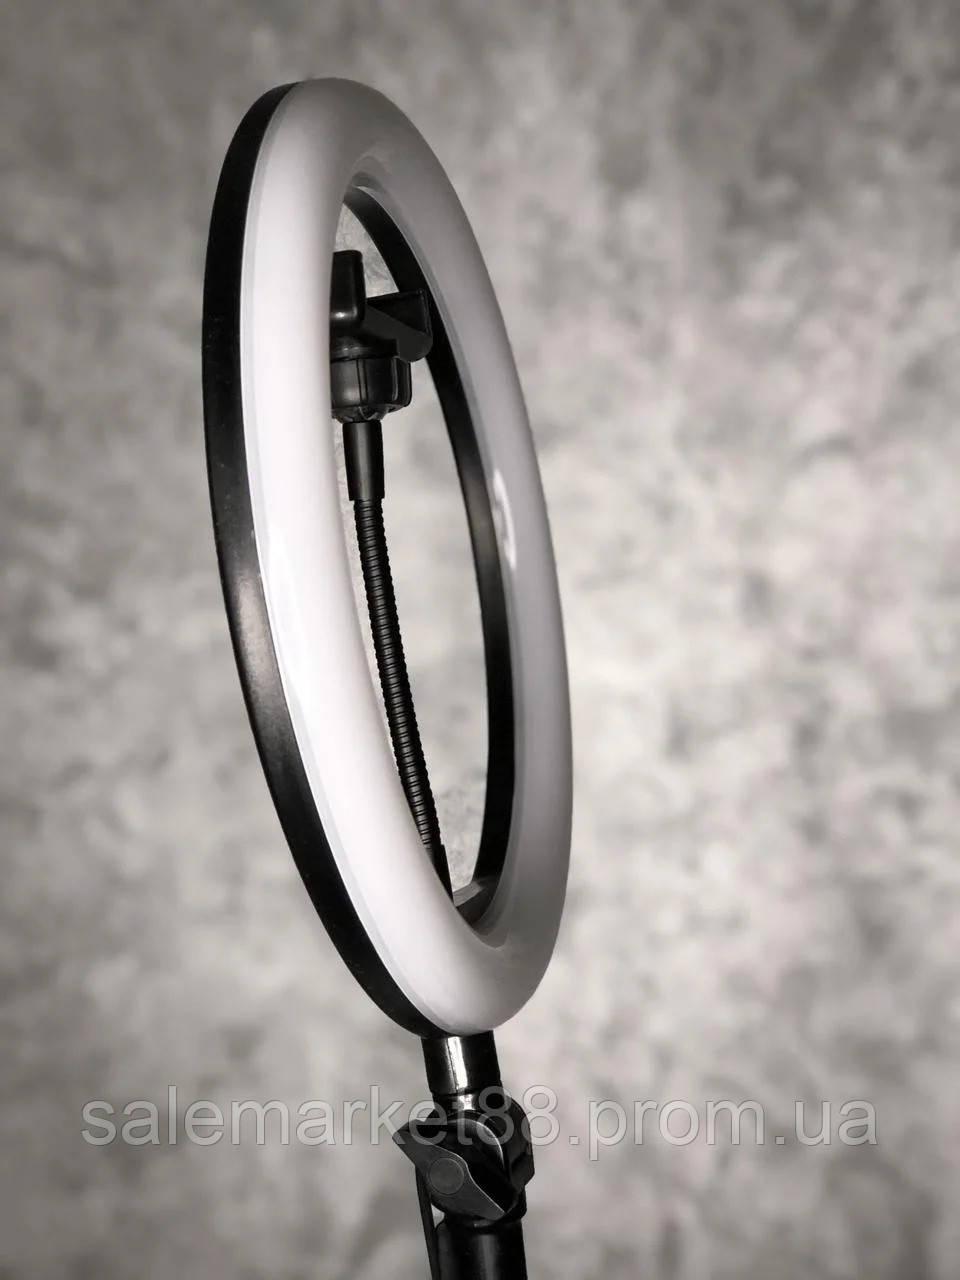 Кольцевая светодиодная лампа LED  А-3 (диаметр 26 cм) для детальной съемки